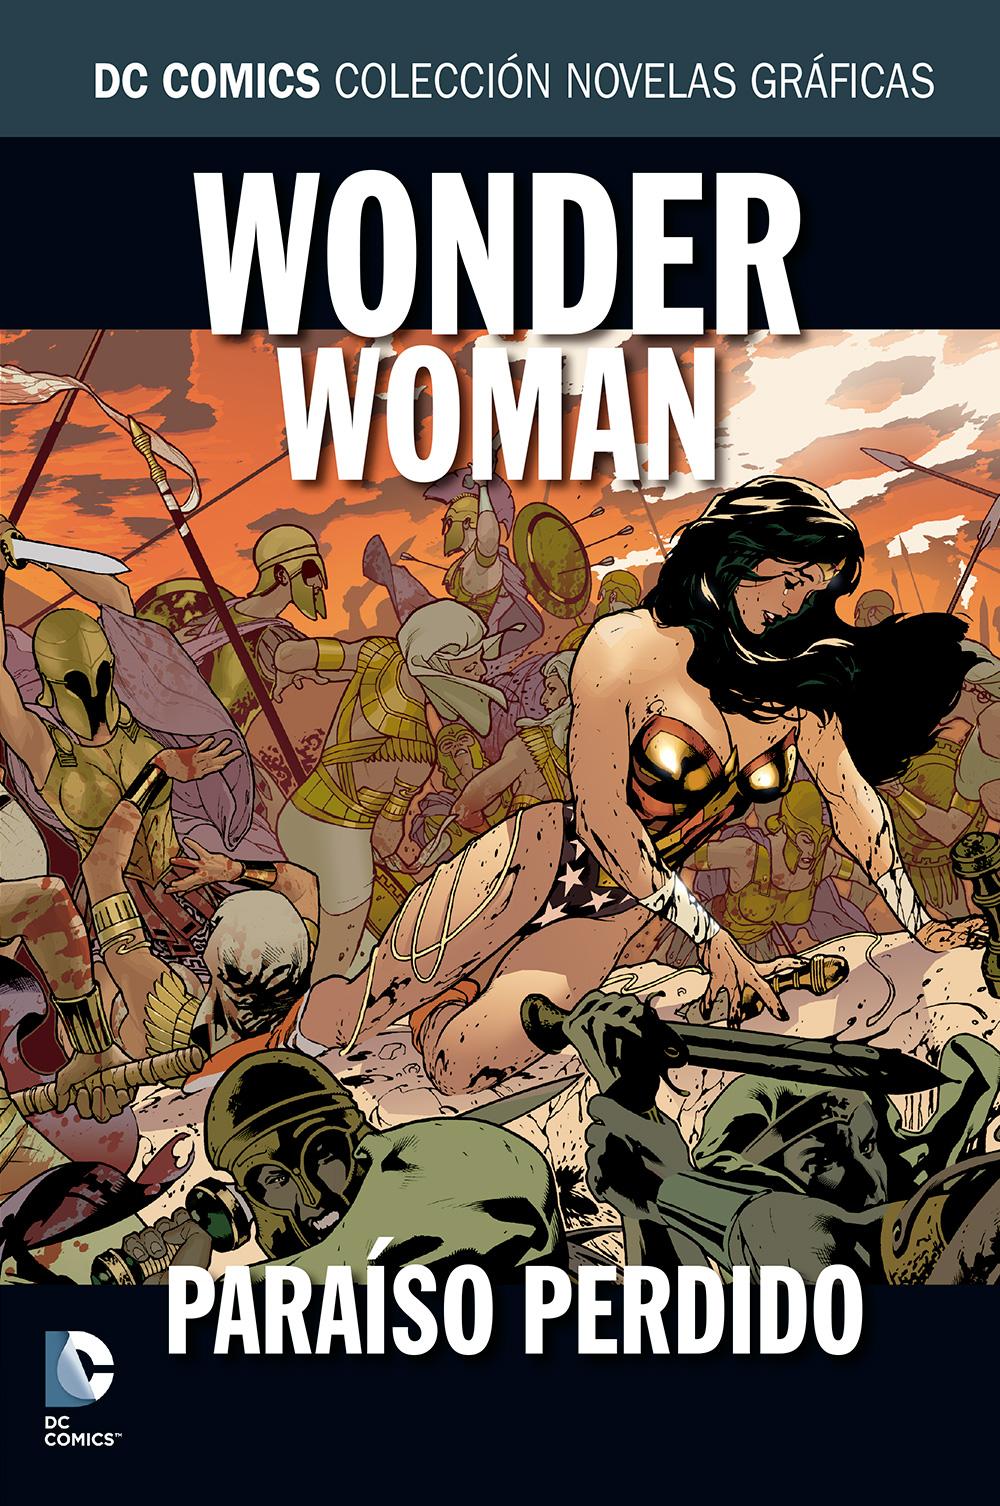 1-7 - [DC - Salvat] La Colección de Novelas Gráficas de DC Comics  - Página 26 SF118_021_01_001